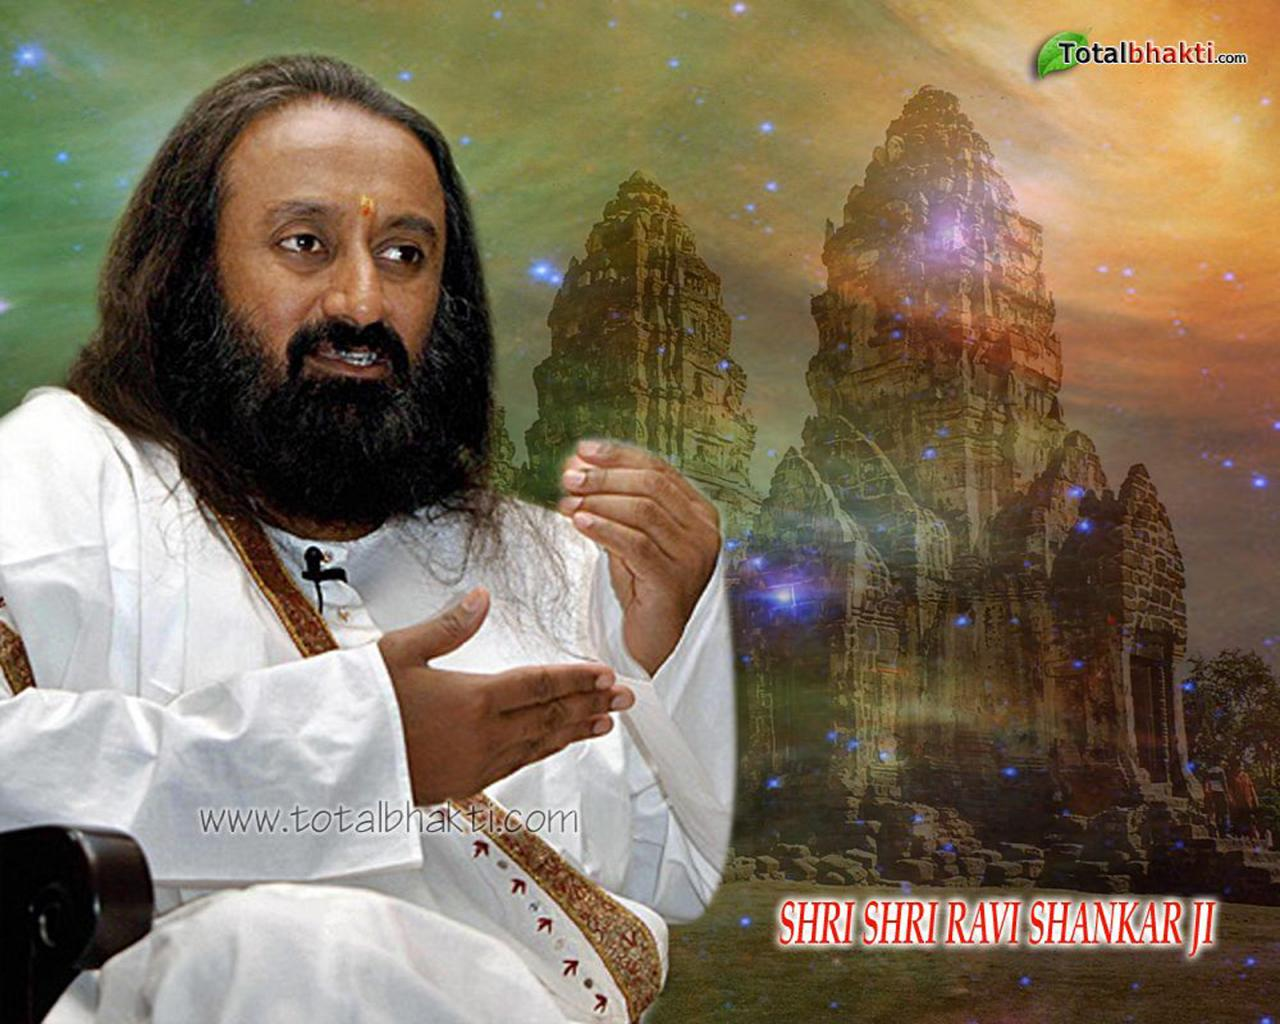 Ravi Shankar Wallpaper 1280x1024 64542